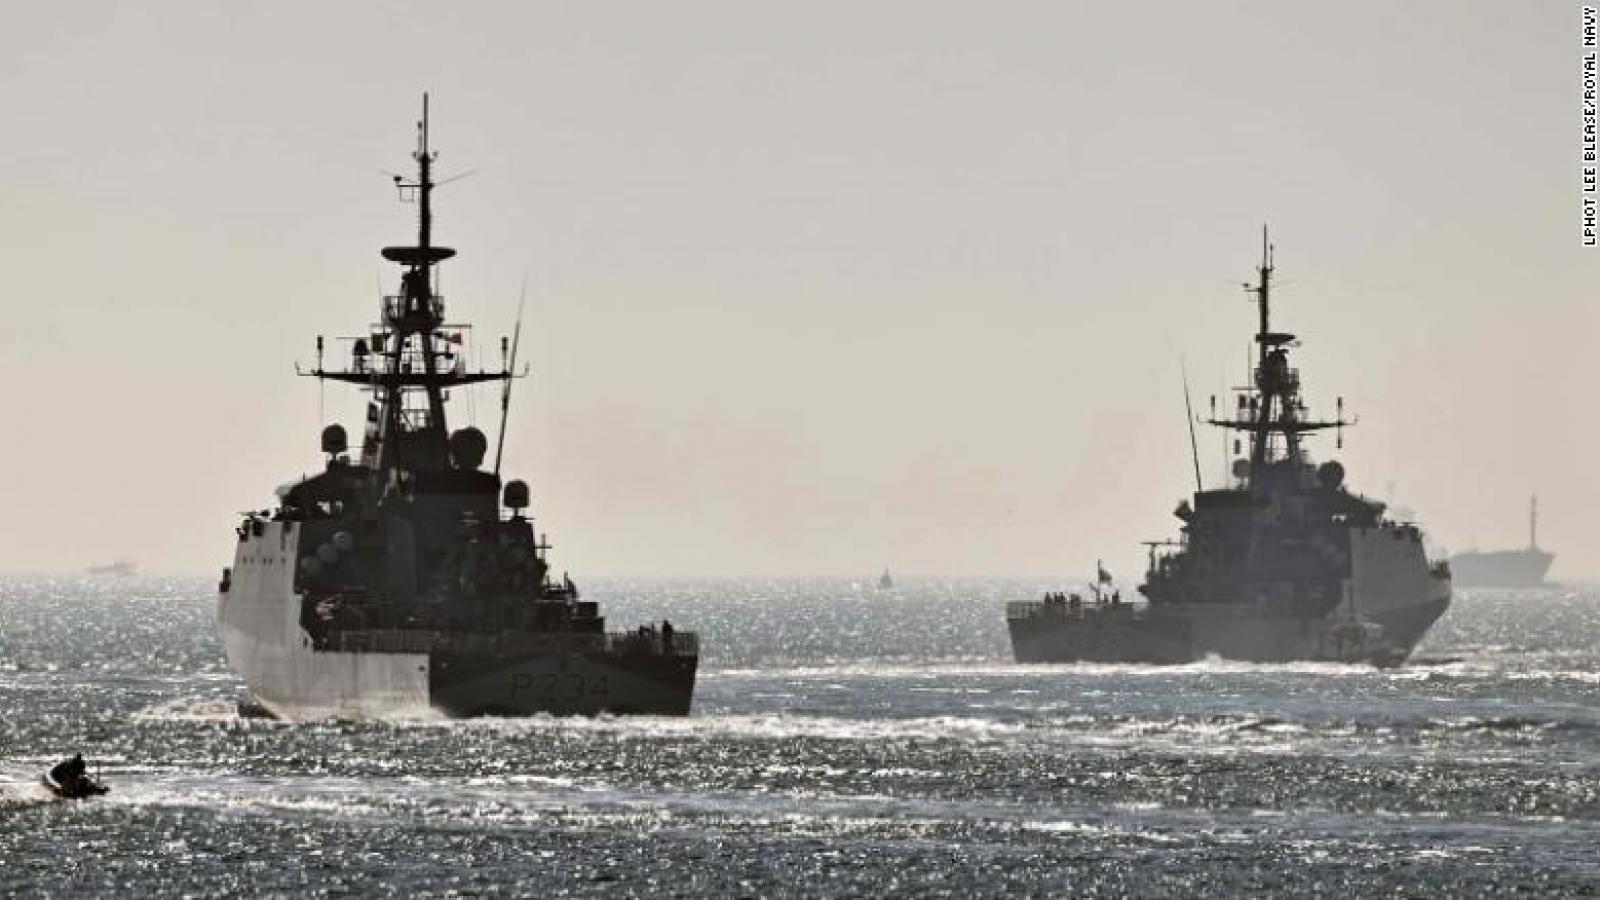 Hai tàu chiến Anh rời cảng đến Ấn Độ Dương-Thái Bình Dương trong 5 năm